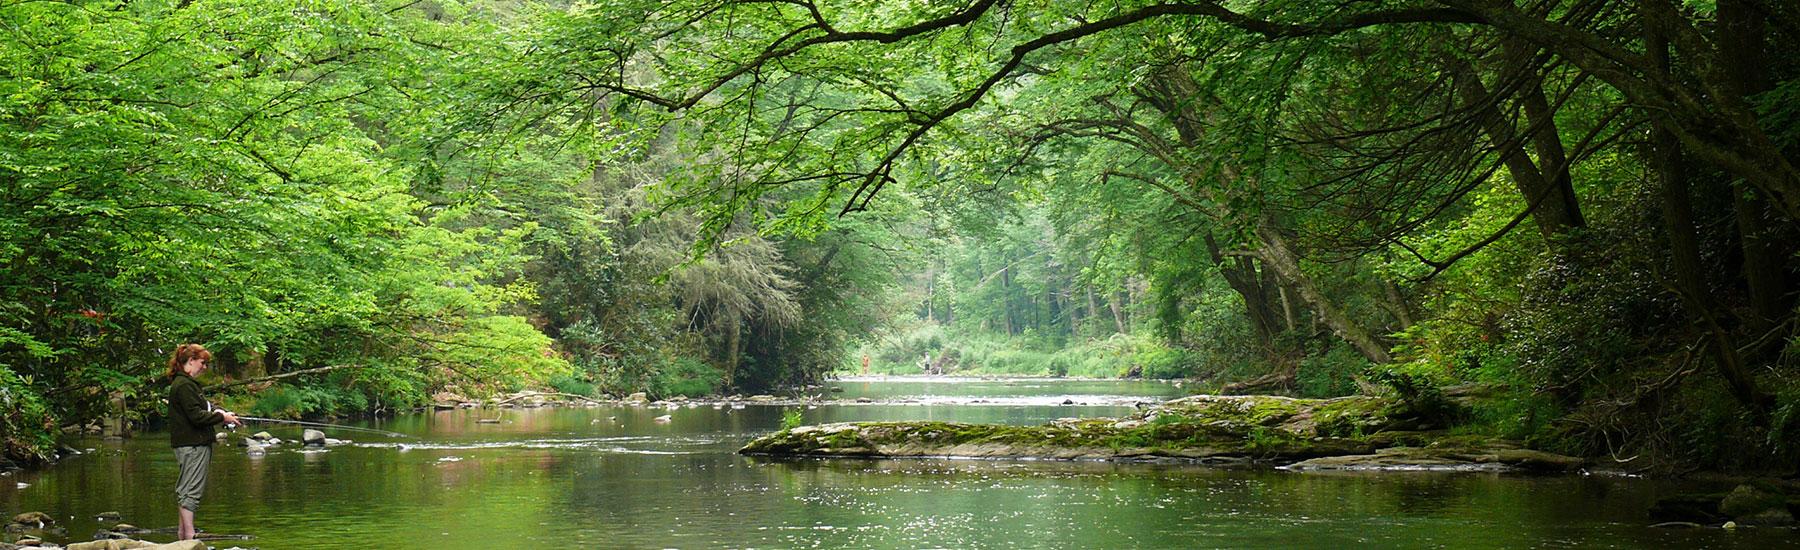 Linville_River-header-image